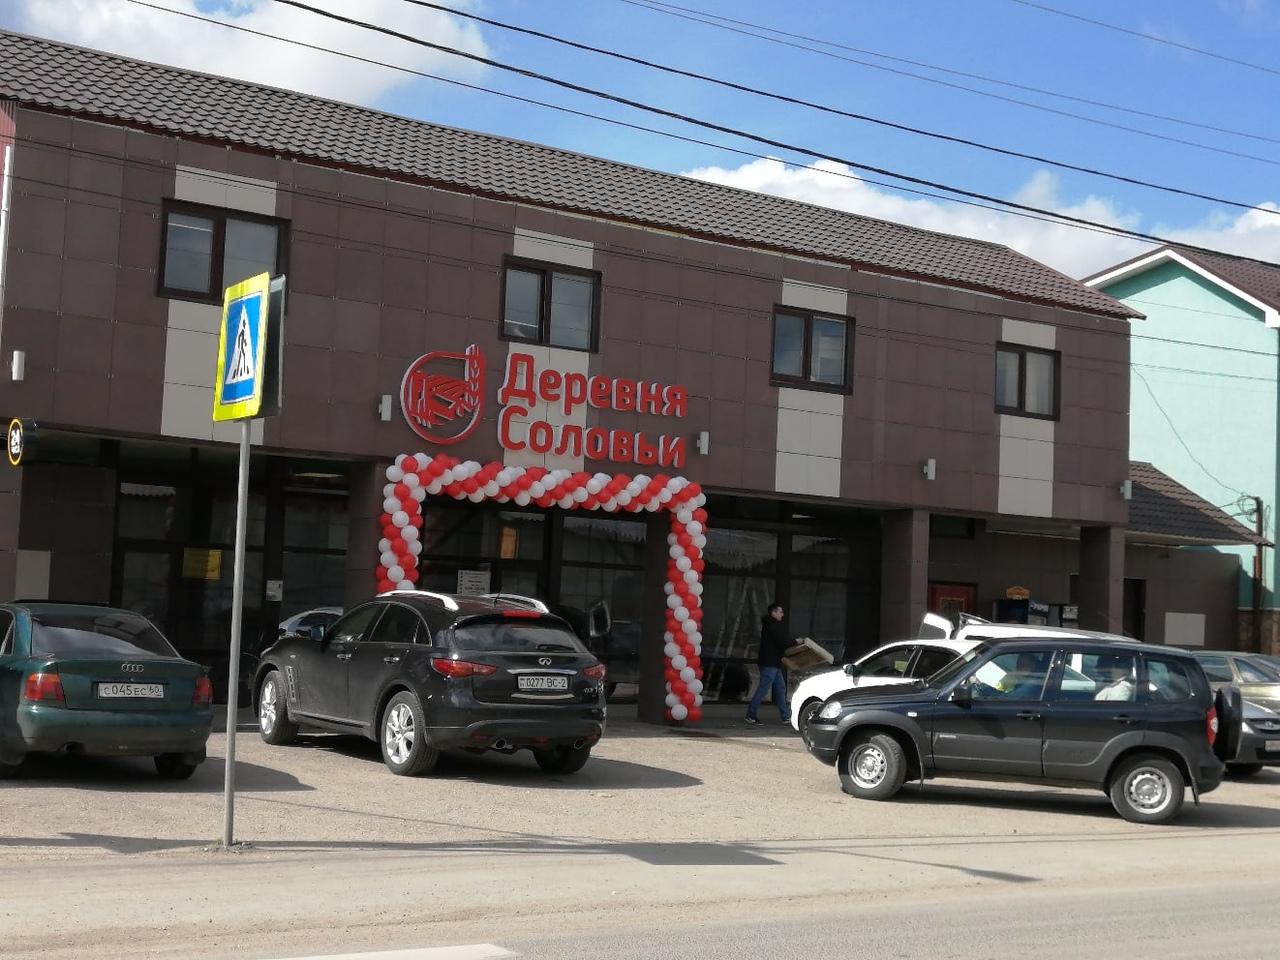 Приятного аппетита: новый магазин «Деревня Соловьи» на Я. Райниса, 53б пришелся по вкусу псковичам!